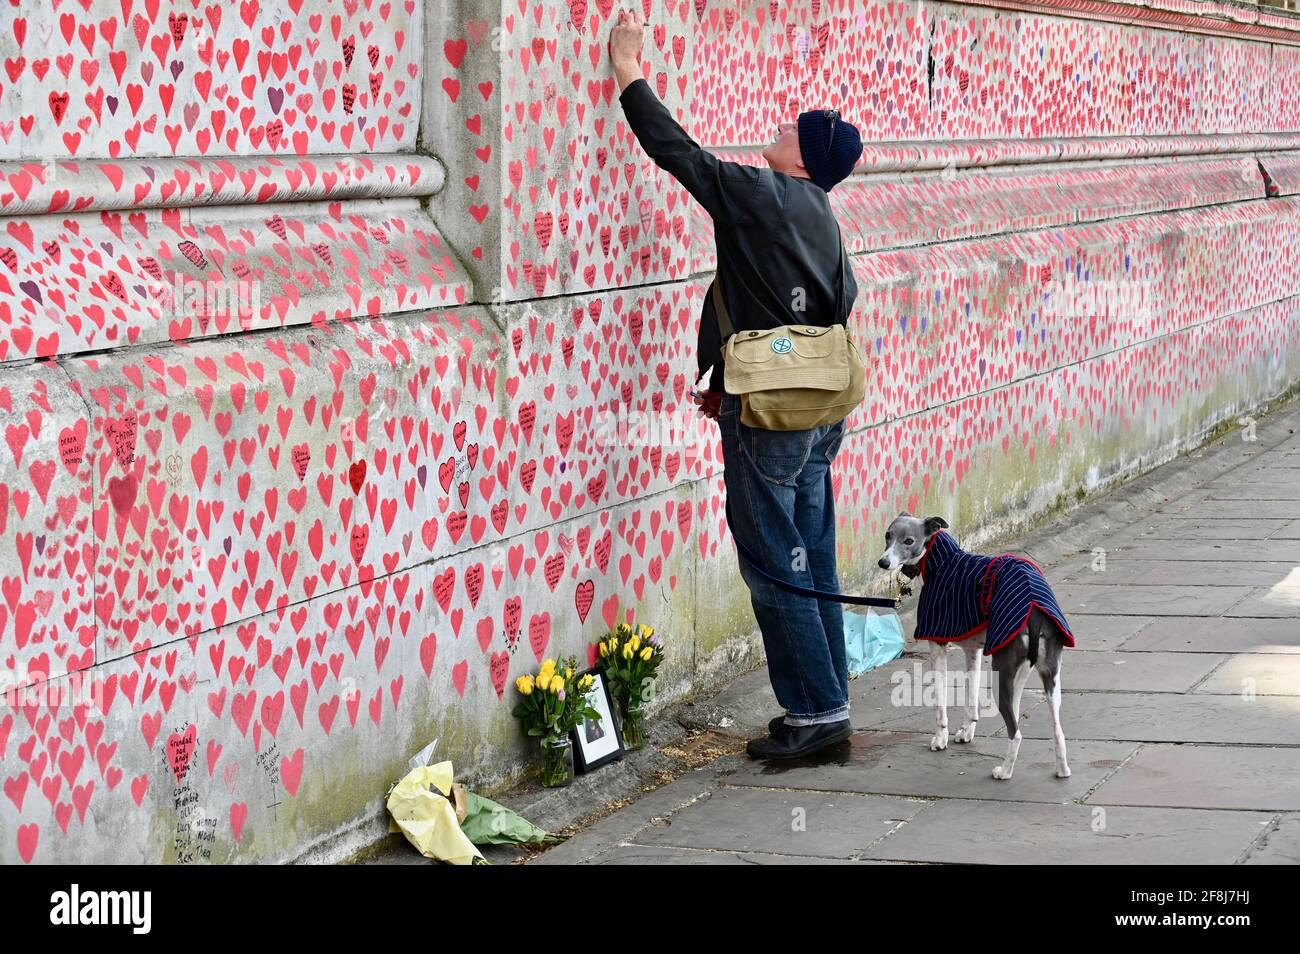 Londres. ROYAUME-UNI. 14 avril 2021, le public continue de se rendre au mur commémoratif de la COVID pour les victimes du coronavirus qui sont décédé l'année dernière. Hôpital St Thomas, Londres Banque D'Images